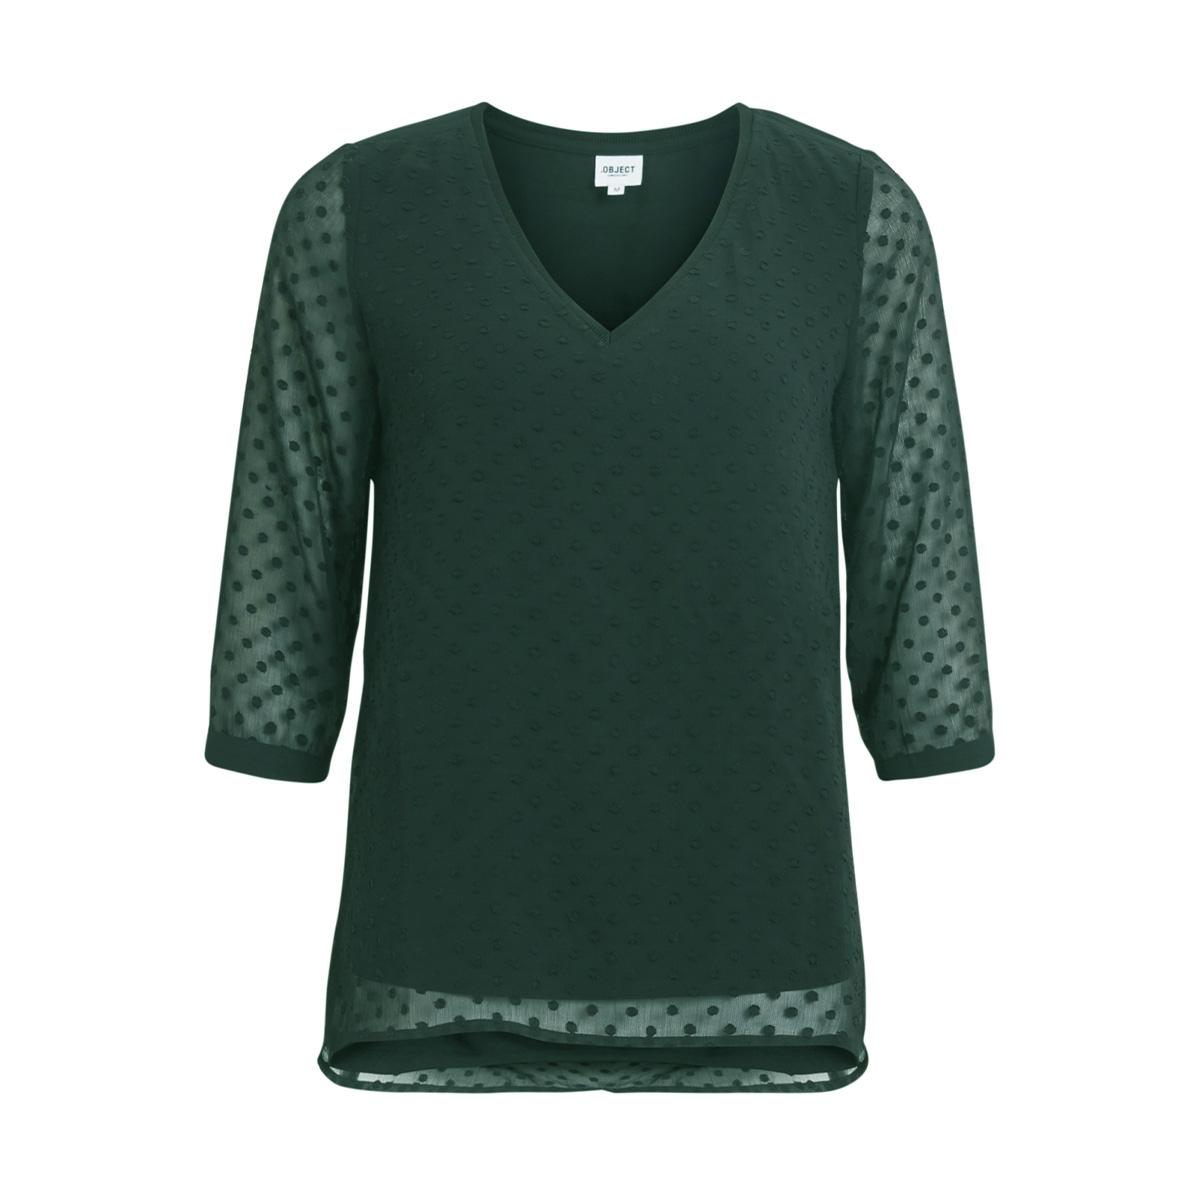 objclaire 3/4 top au a 23026375 object blouse deep teal